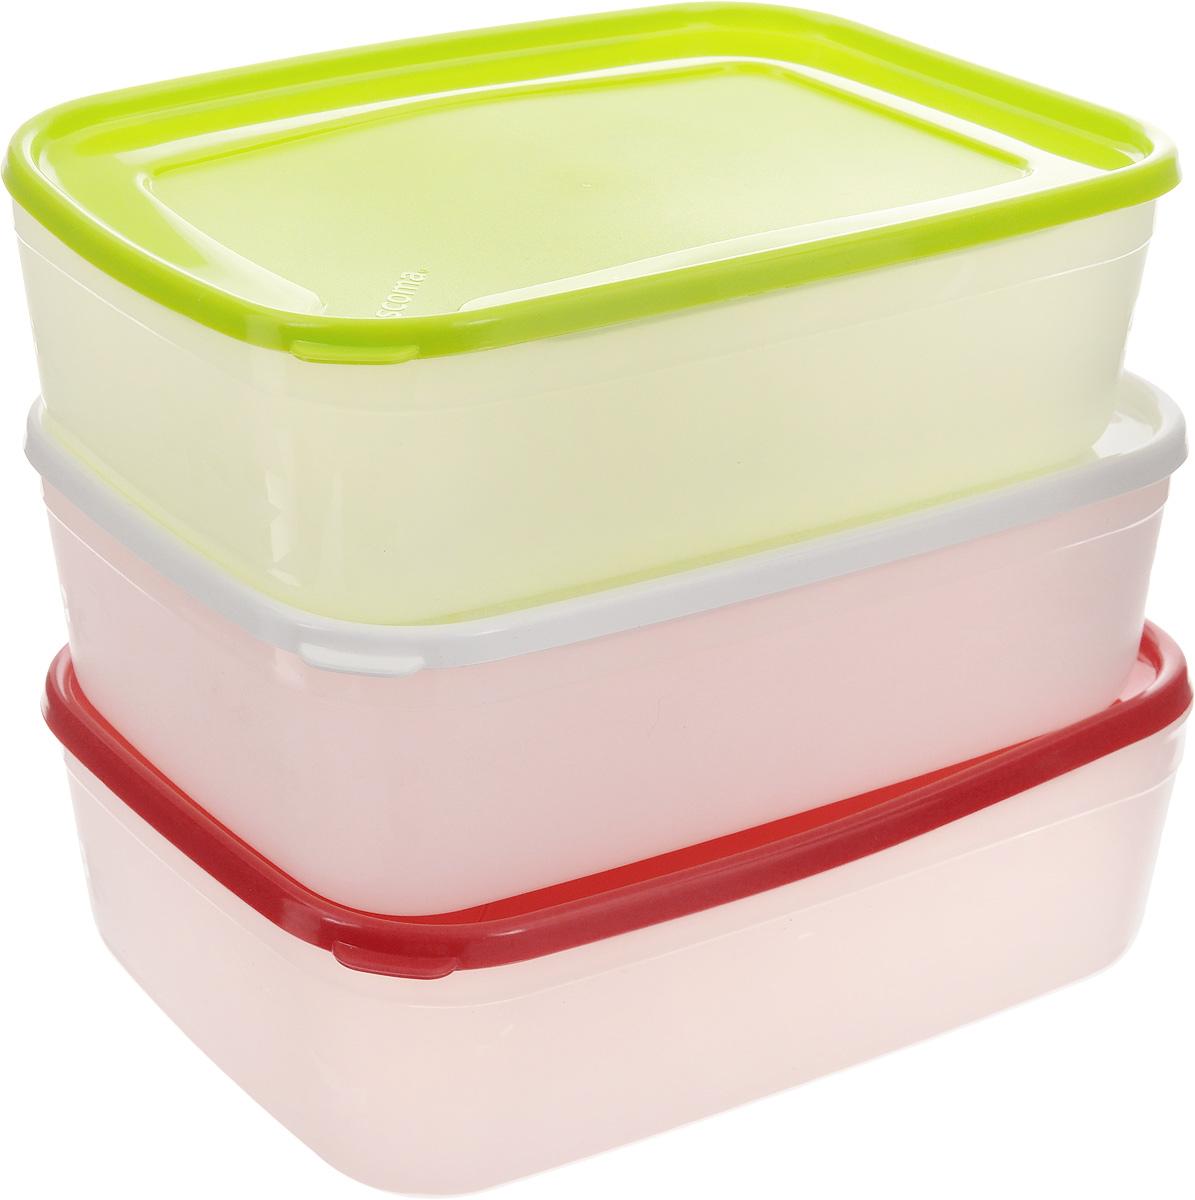 Набор контейнеров для заморозки Tescoma Purity, 1,5 л, 3 шт набор салфеток влажных для холодильников и микроволновых печей авангард hl 48152 house lux